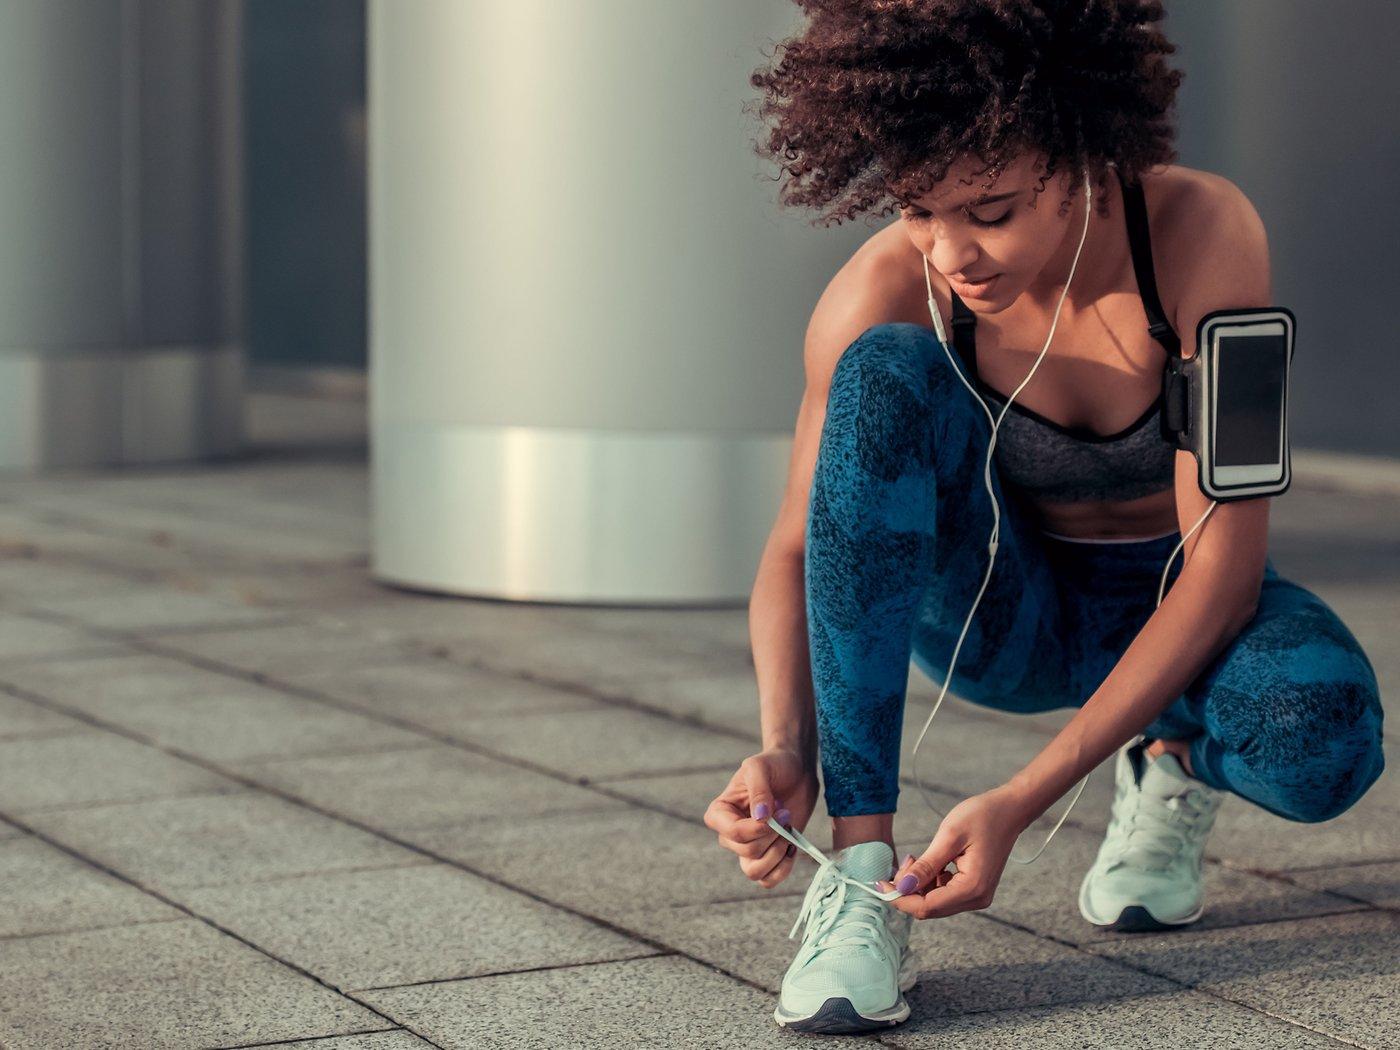 Kaloriendefizit plötzlicher Gewichtsverlust